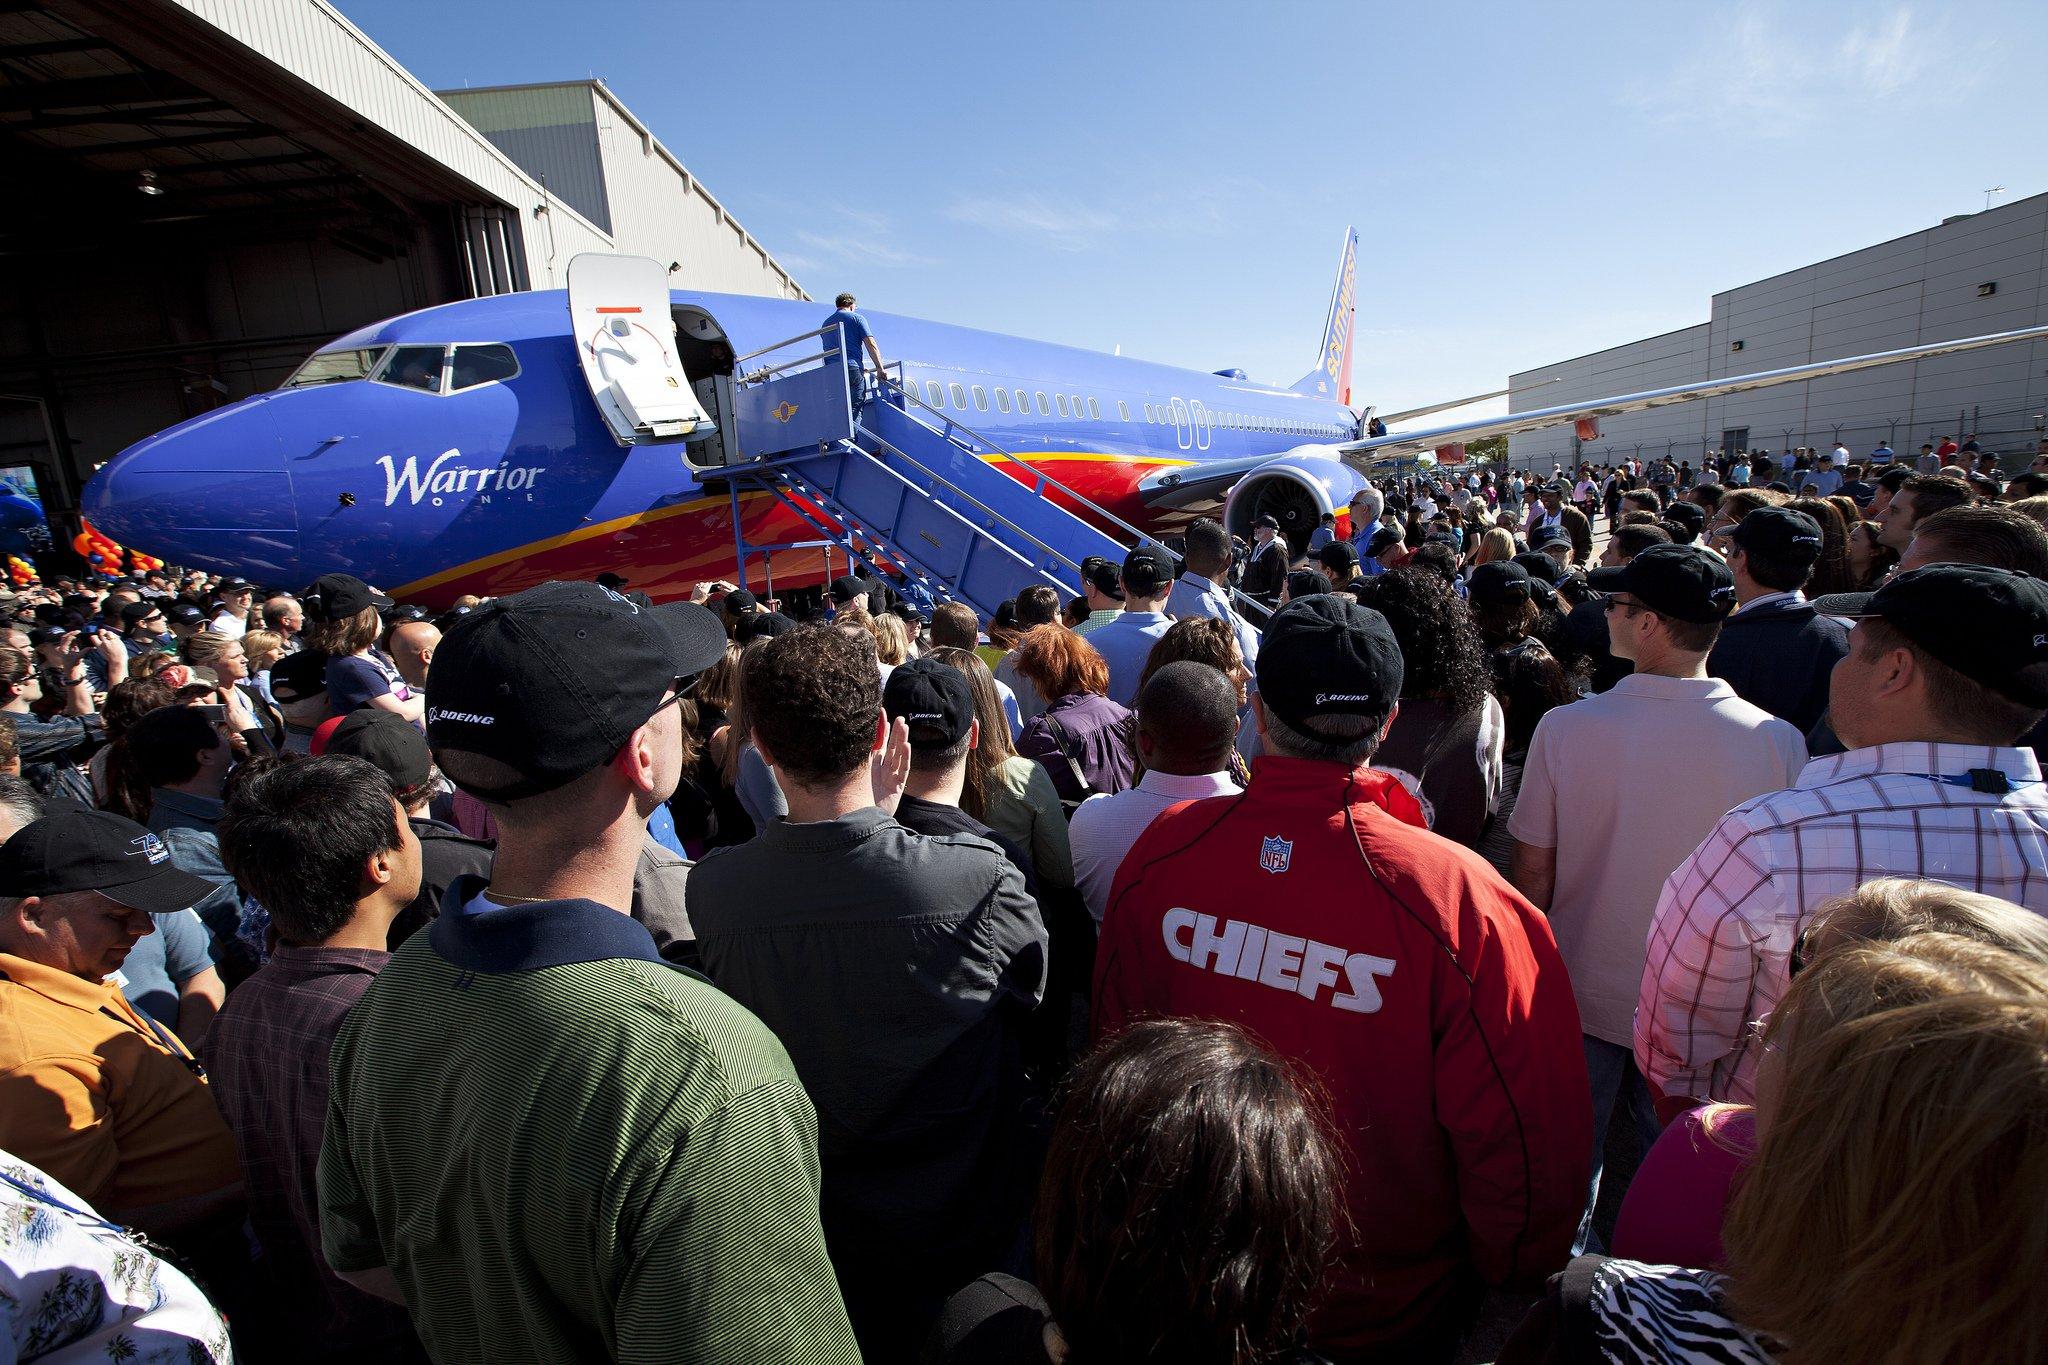 Indienststellung einer Boeing 737-800 der amerikanischen Southwest Airlines: Die US-Gesellschaft ist der größte Billigflieger der Welt.